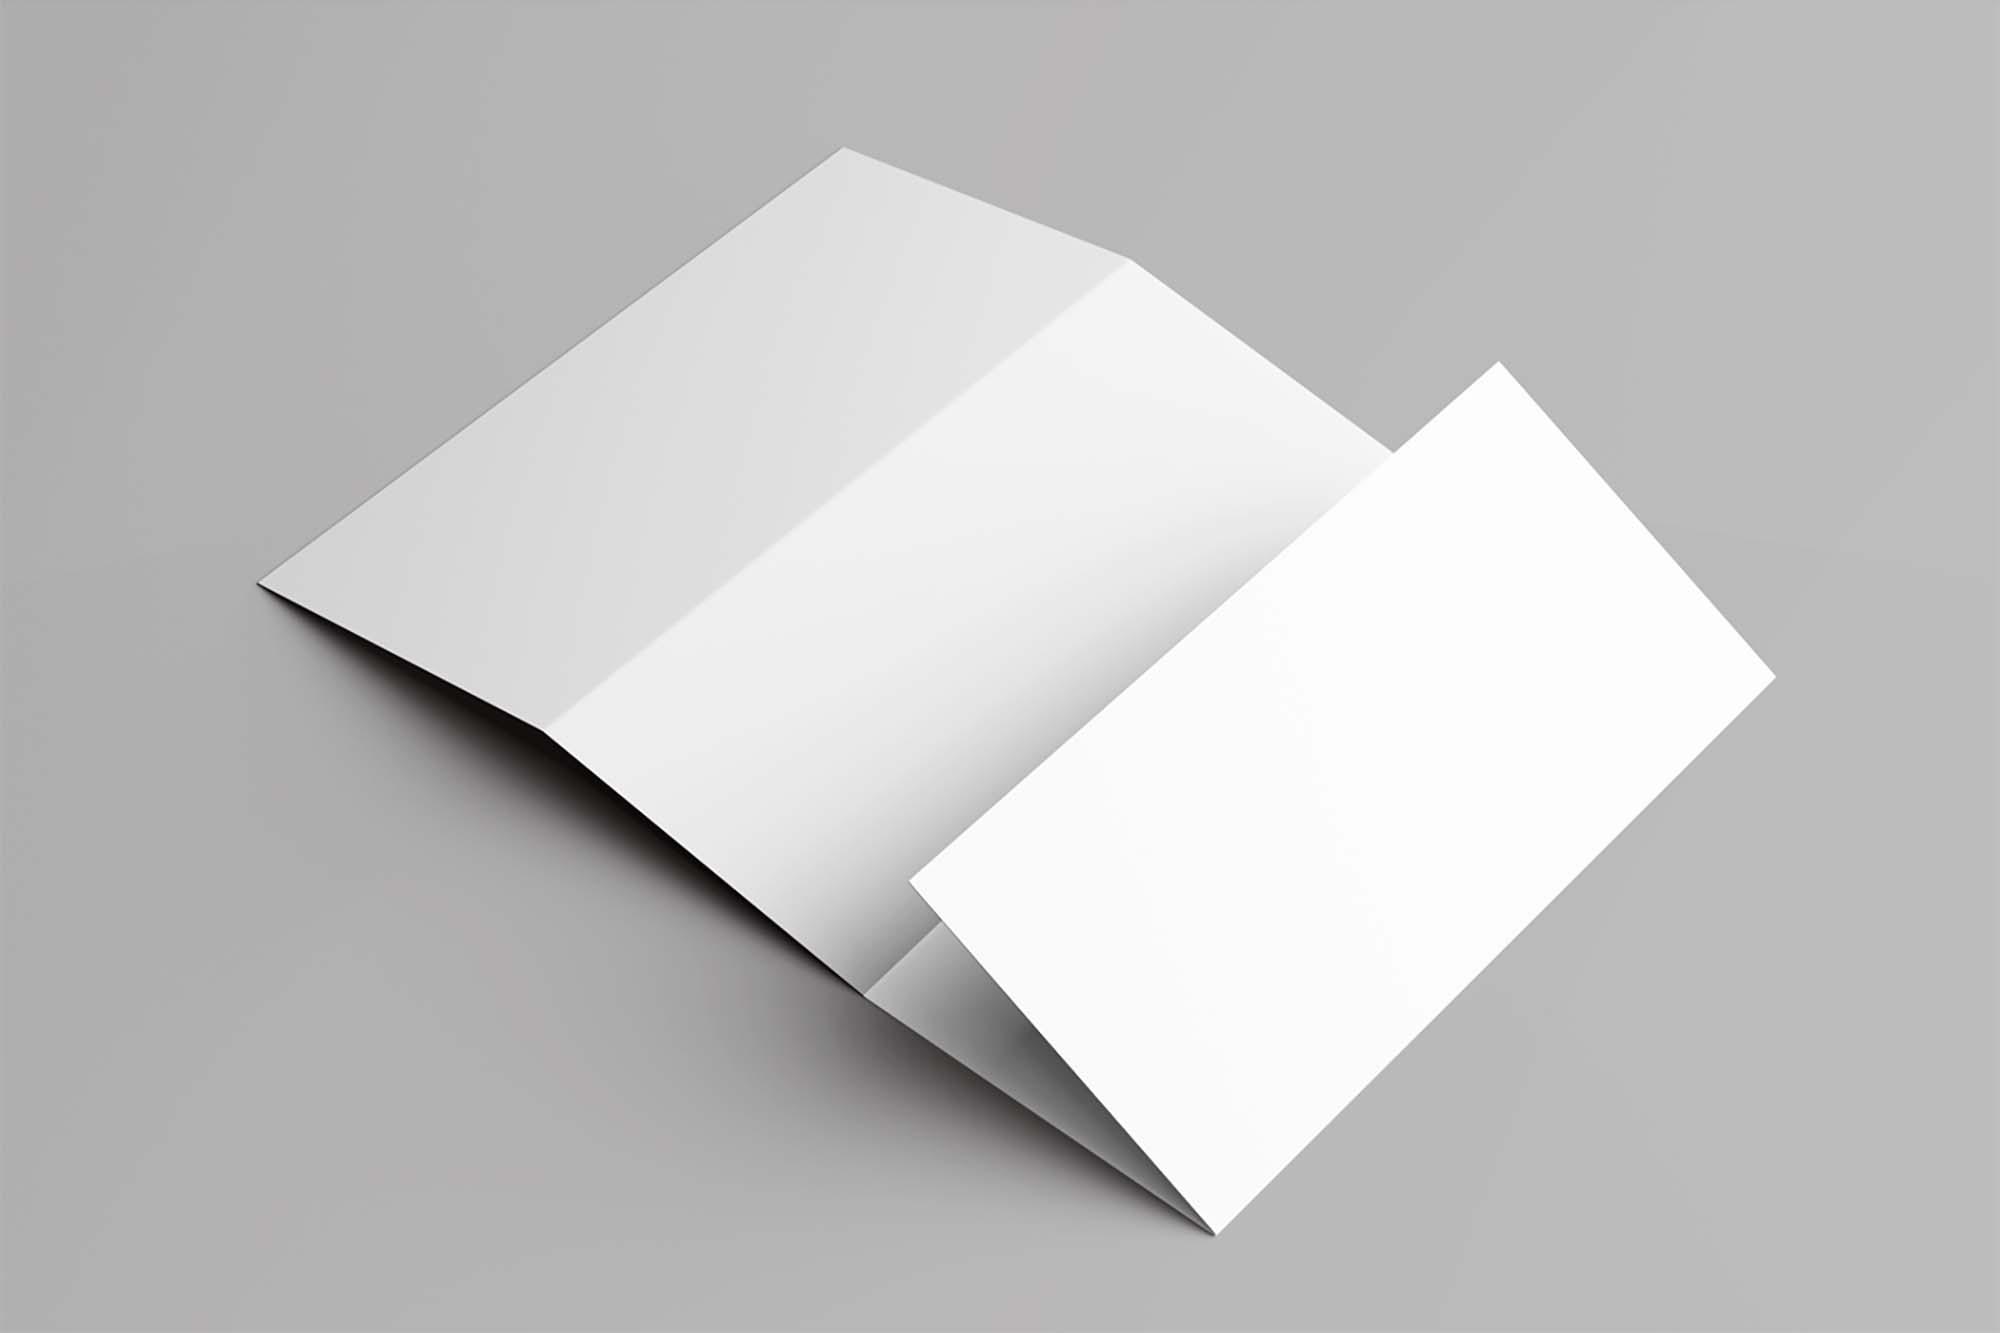 Foldable Brochure Mockup 2